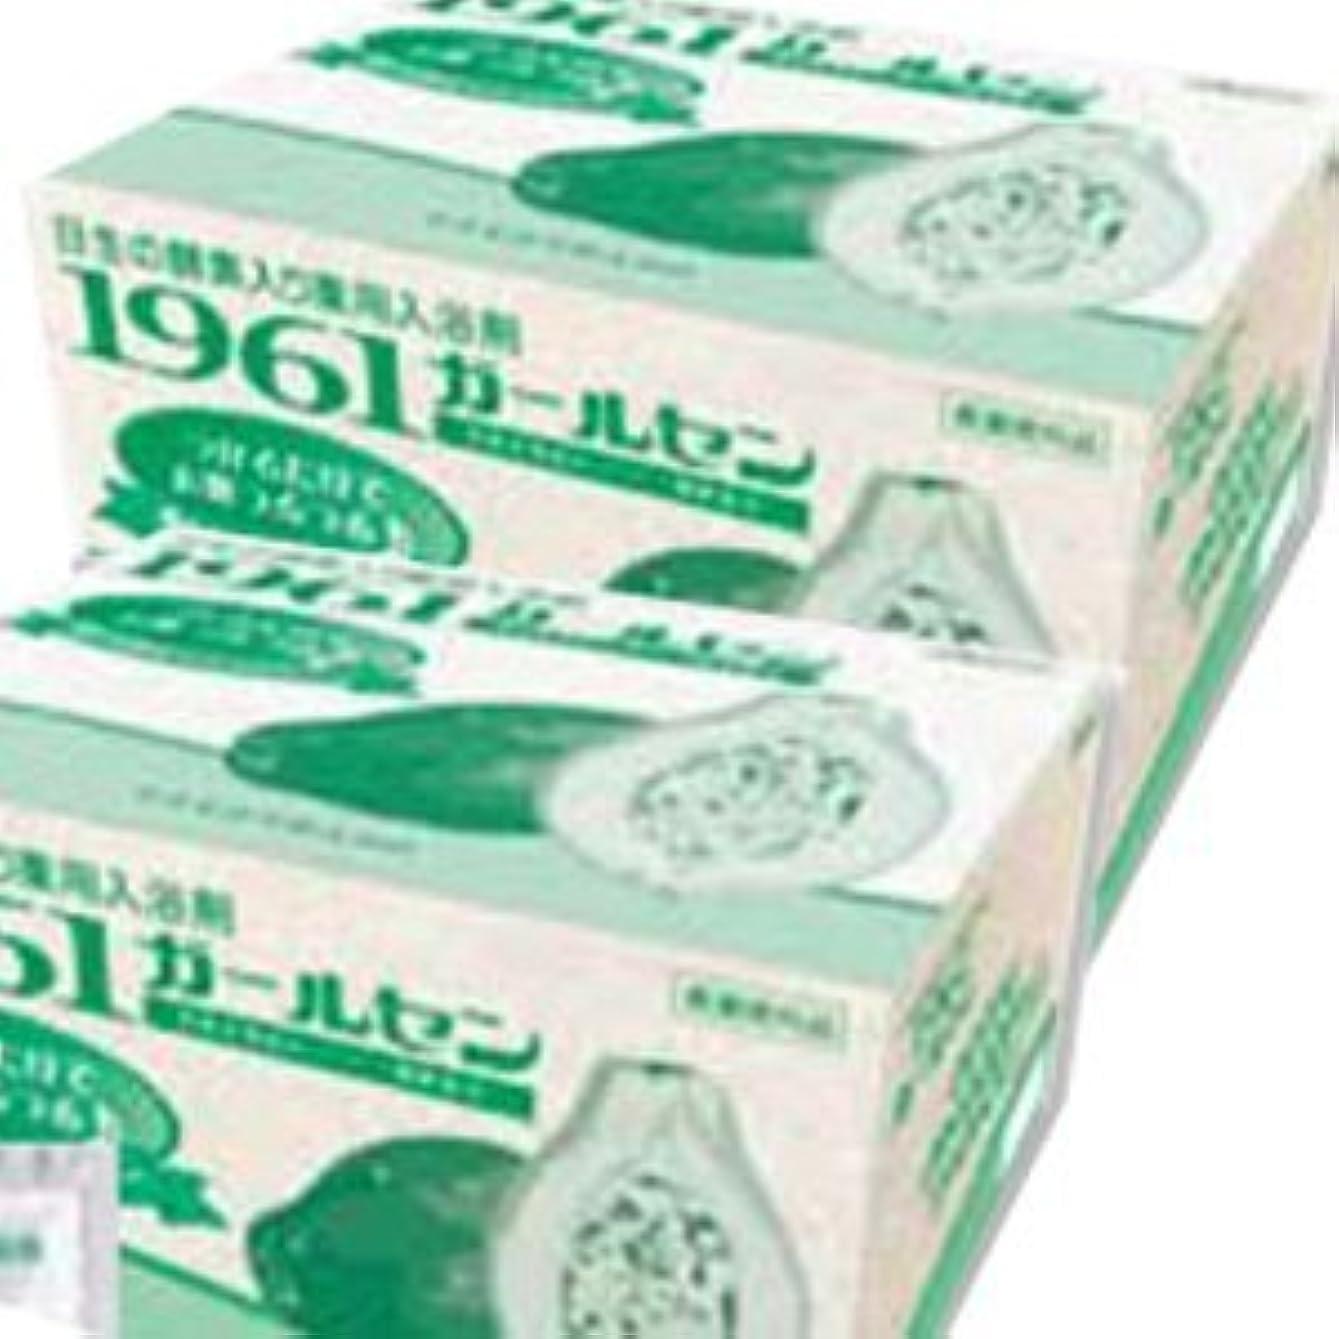 従うデッドロック入り口日本生化学 薬用入浴剤 1961ガールセン (20g×60包)×2箱 (医薬部外品)